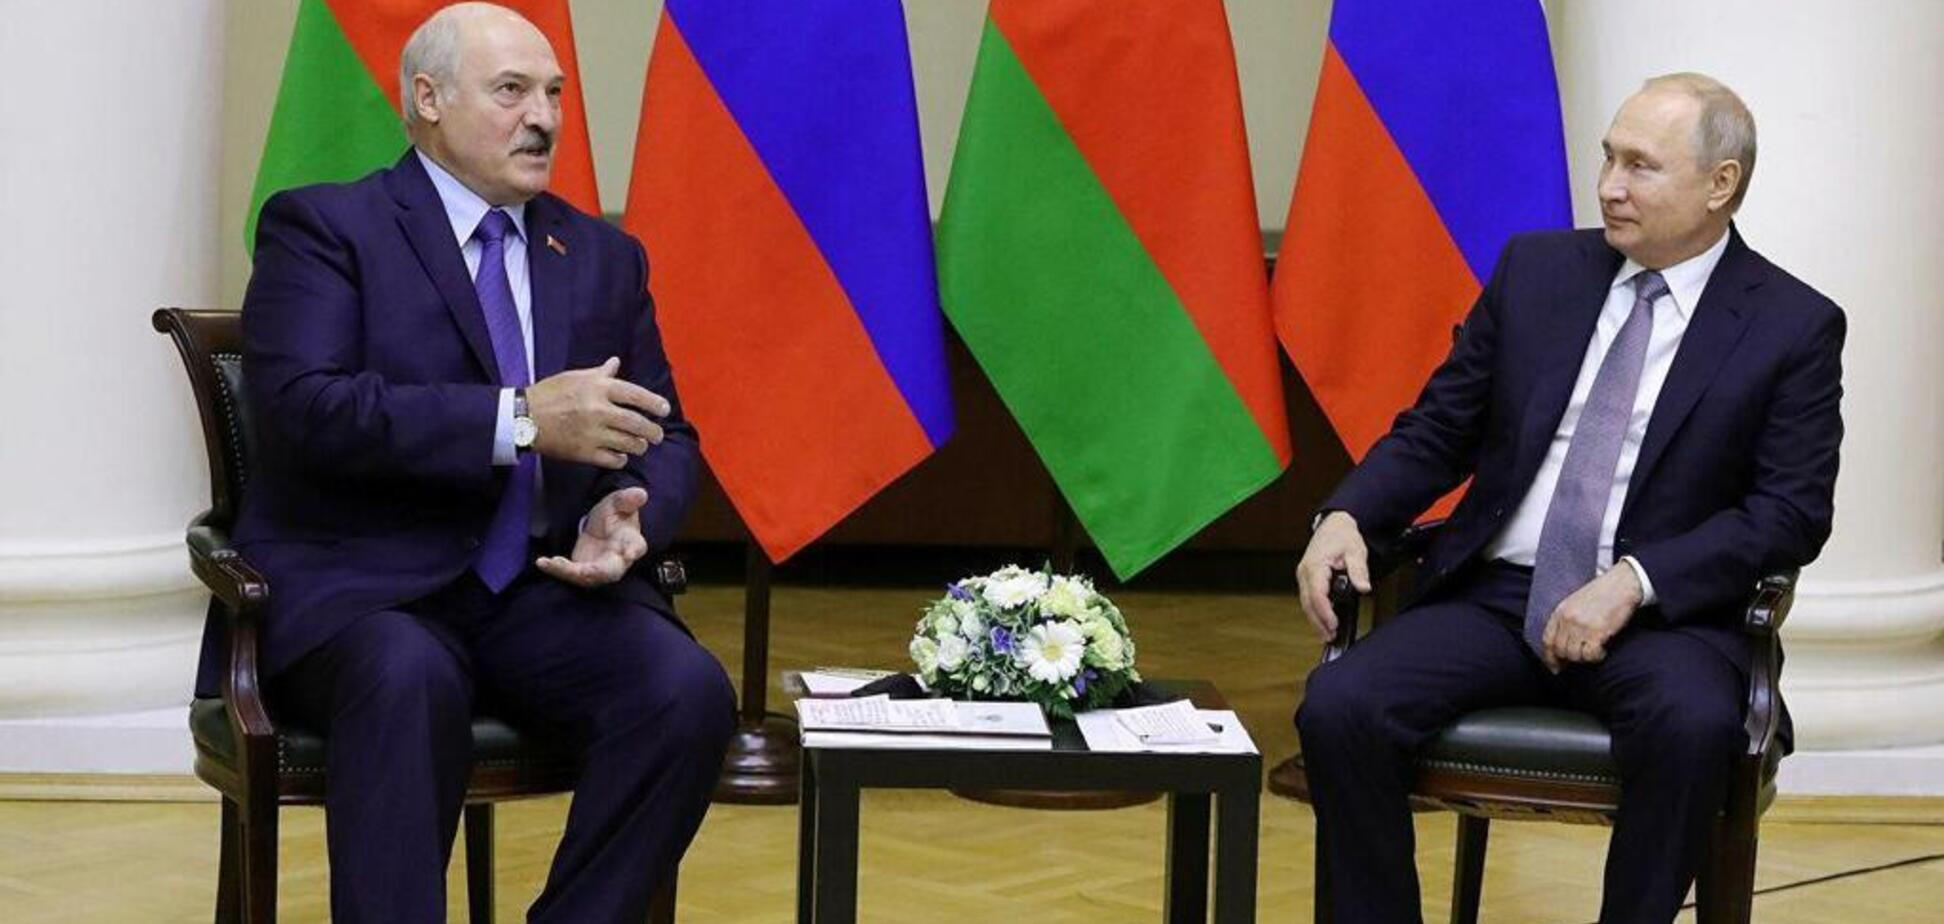 'Багато чого вже зроблено': Лукашенко на зустрічі з Путіним зробив гучну заяву про інтеграцію